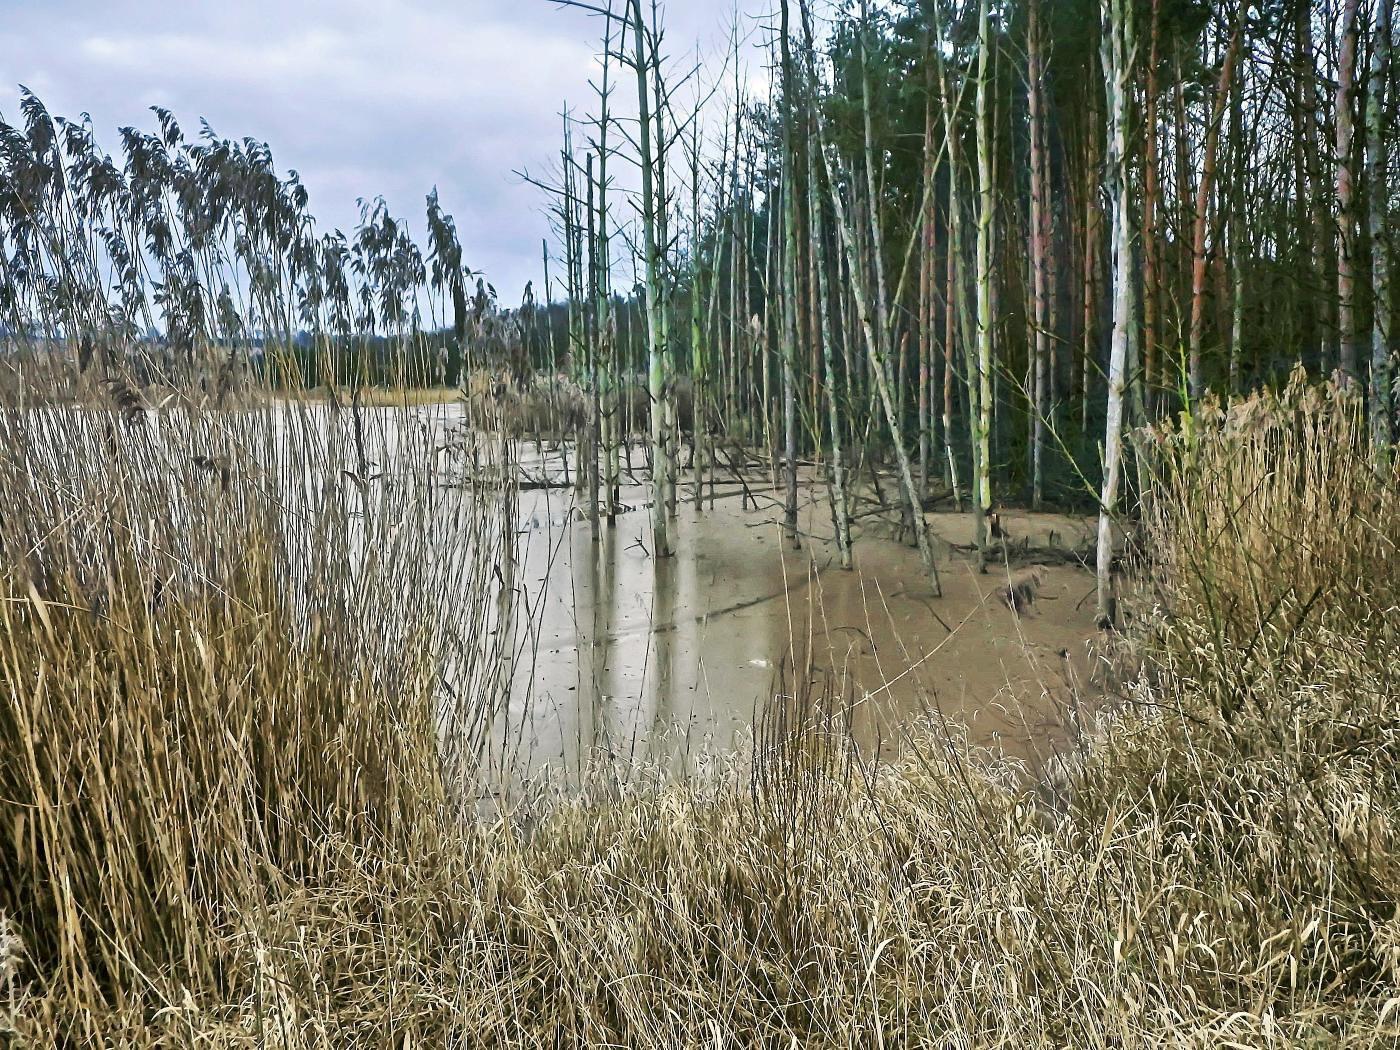 Teich durch Abbau entstanden